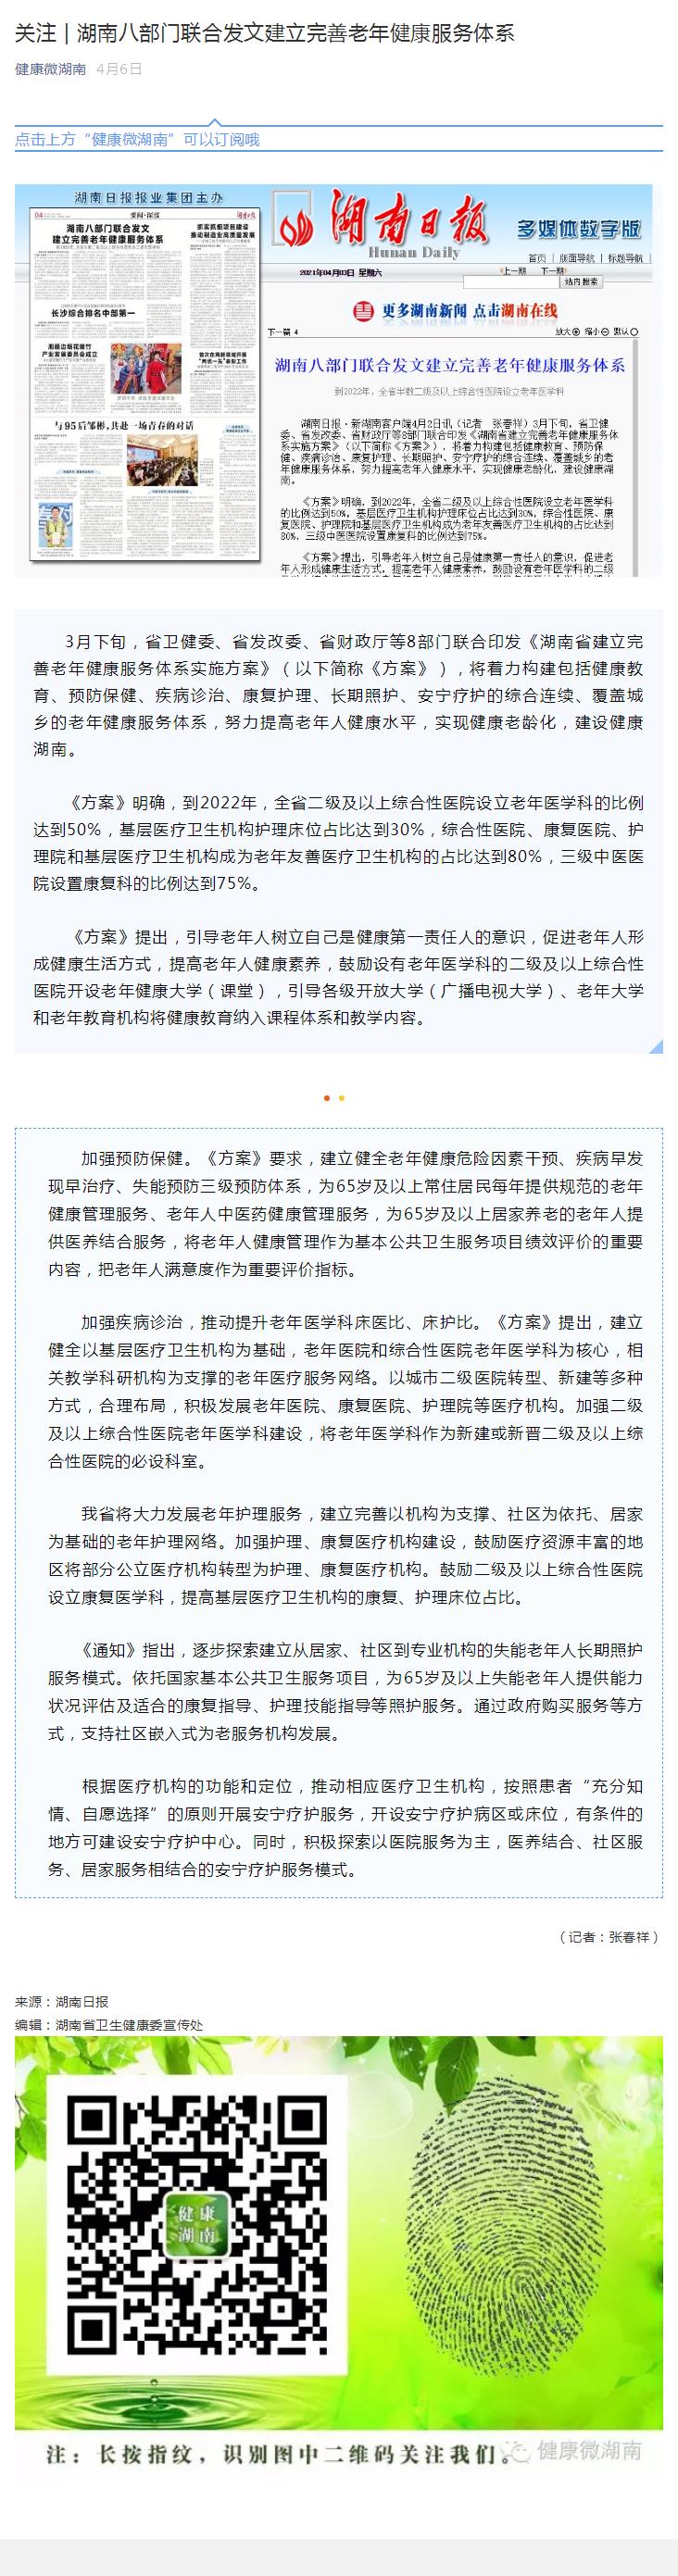 关注 _ 湖南八部门联合发文建立完善老年健康服务体系.png